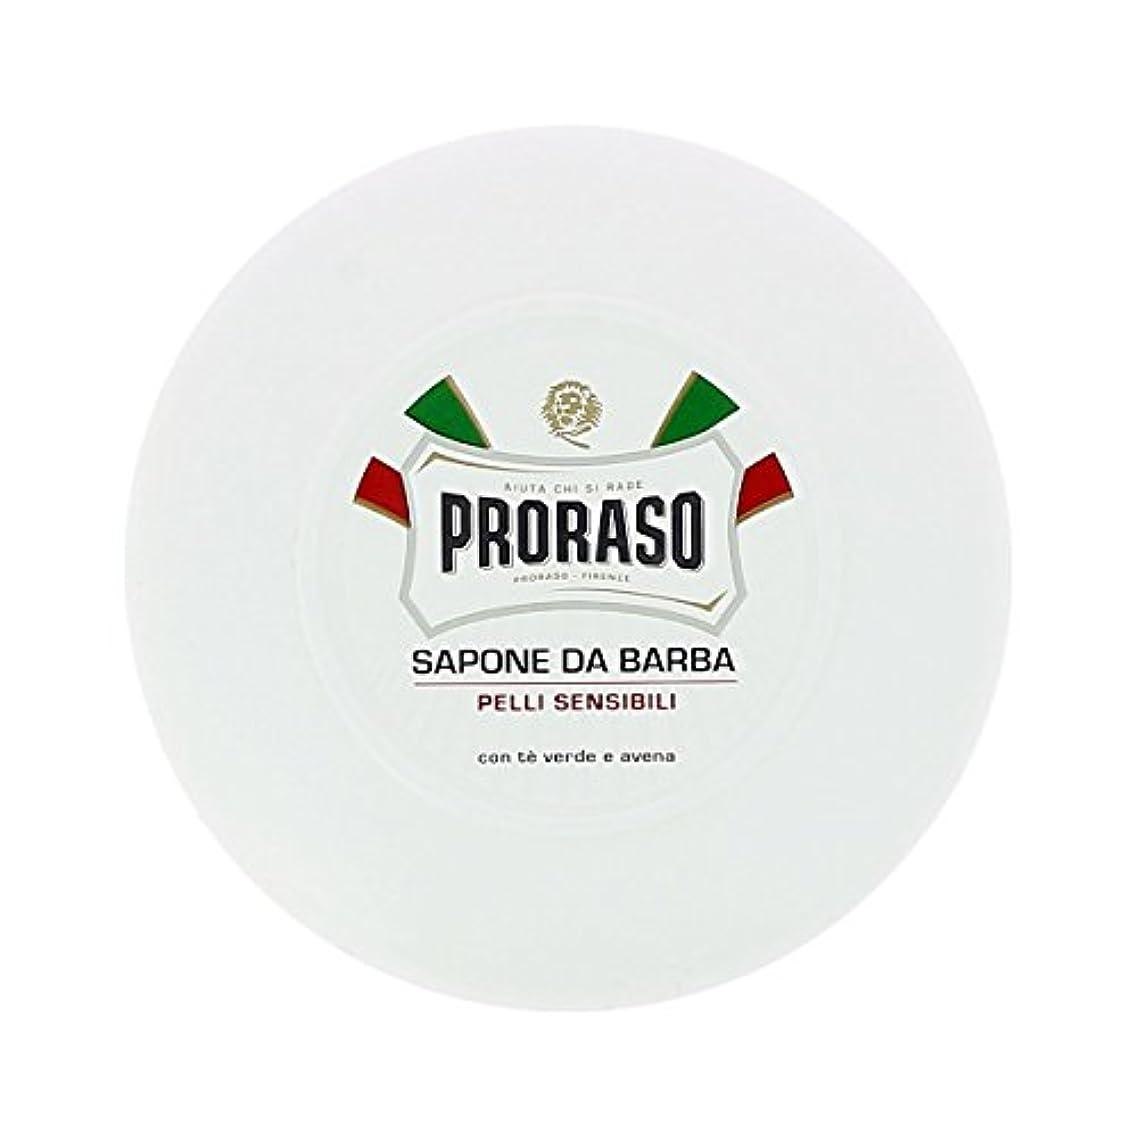 高潔な効能歯痛Proraso イタリアン センシティブシェービングソープ&ボウル 150ml[海外直送品] [並行輸入品]